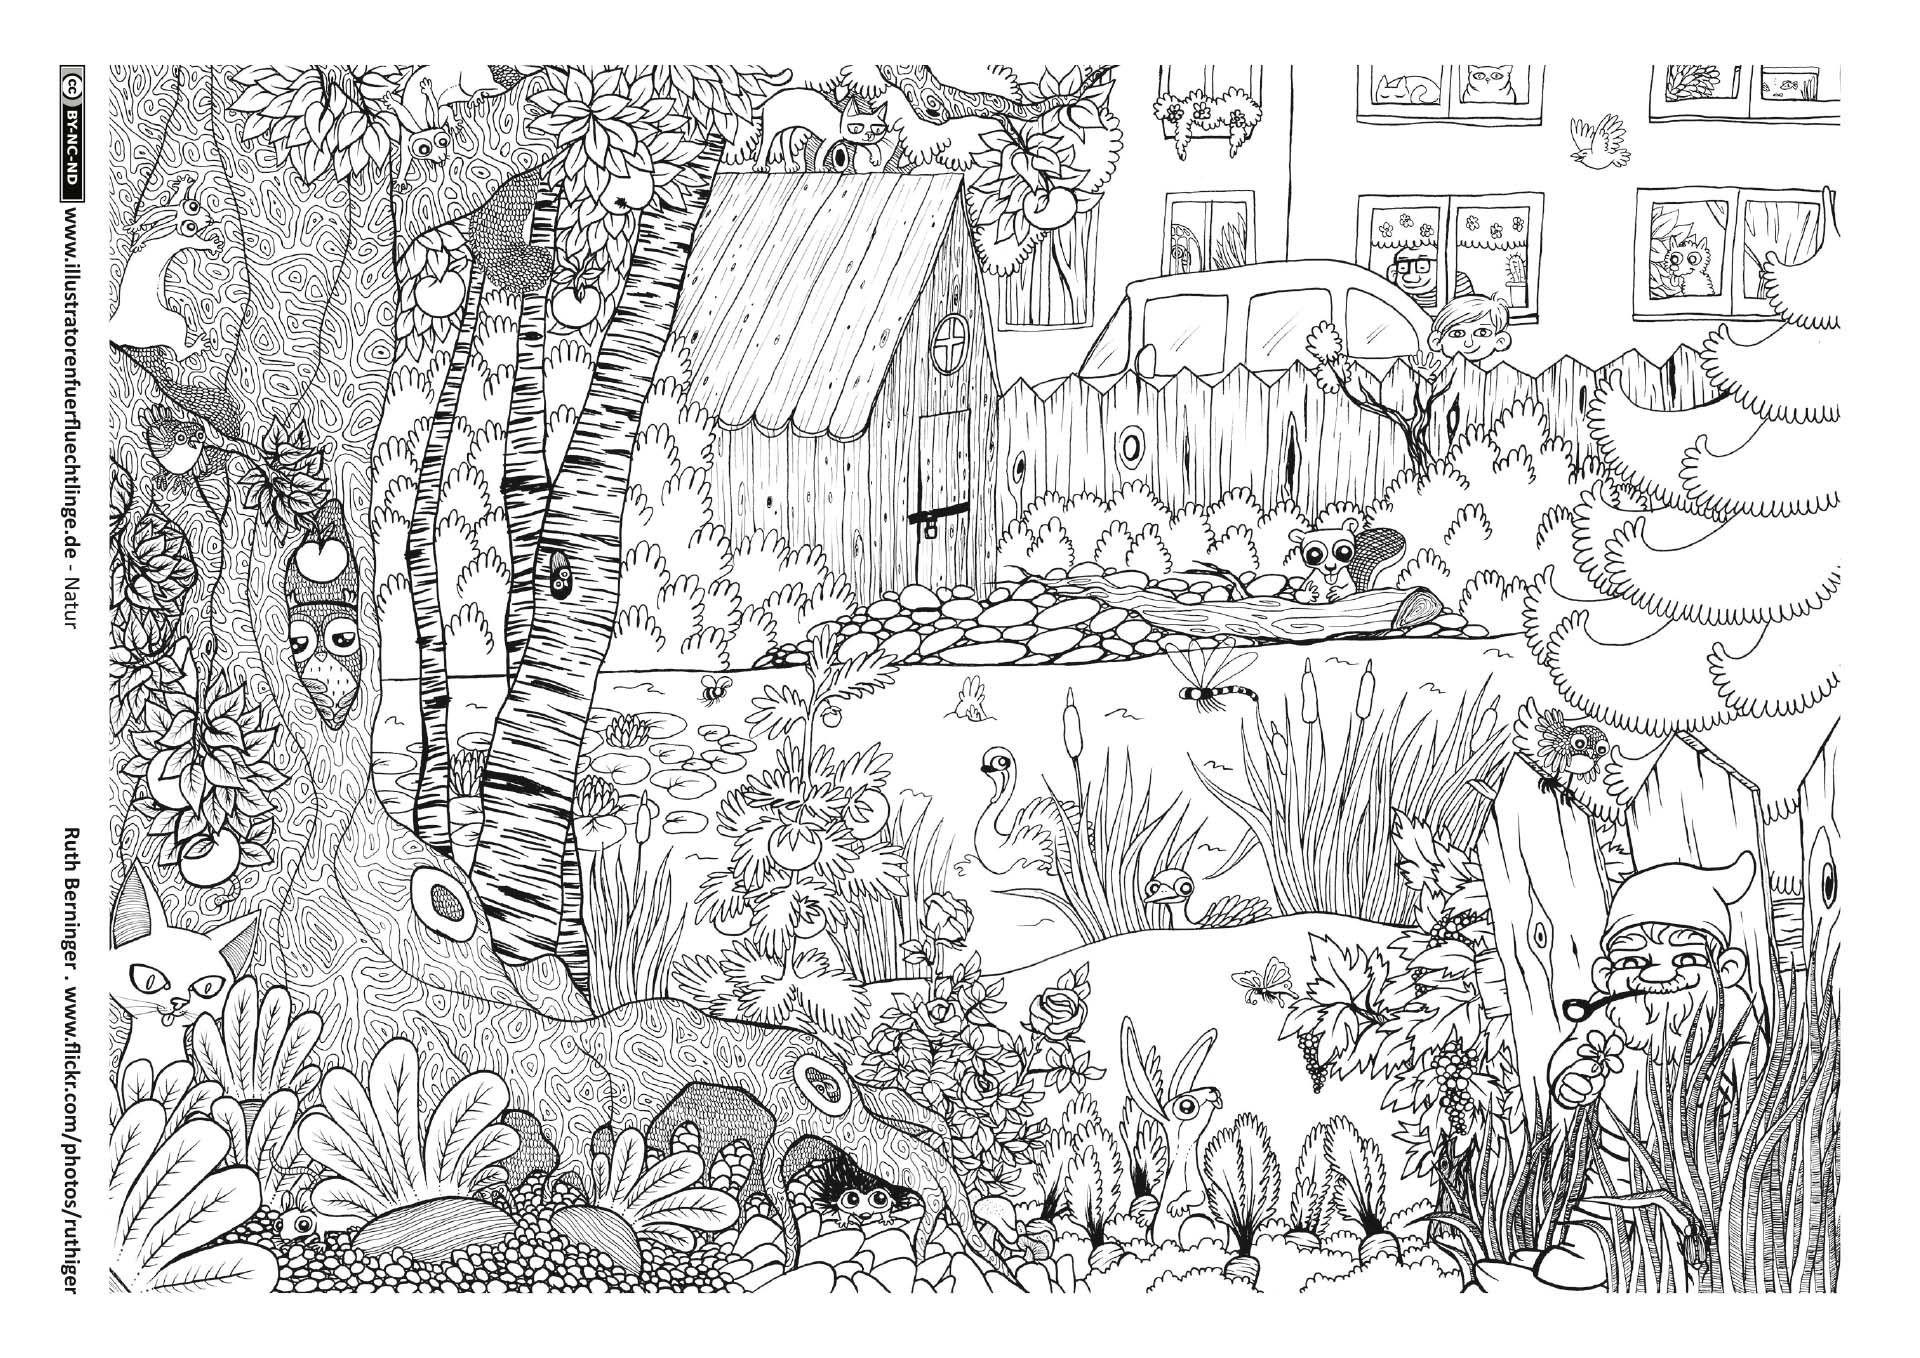 Ausmalbilder Weihnachten Erwachsene Genial Garten Tiere Wimmelbild … Ausmalbilder Galerie